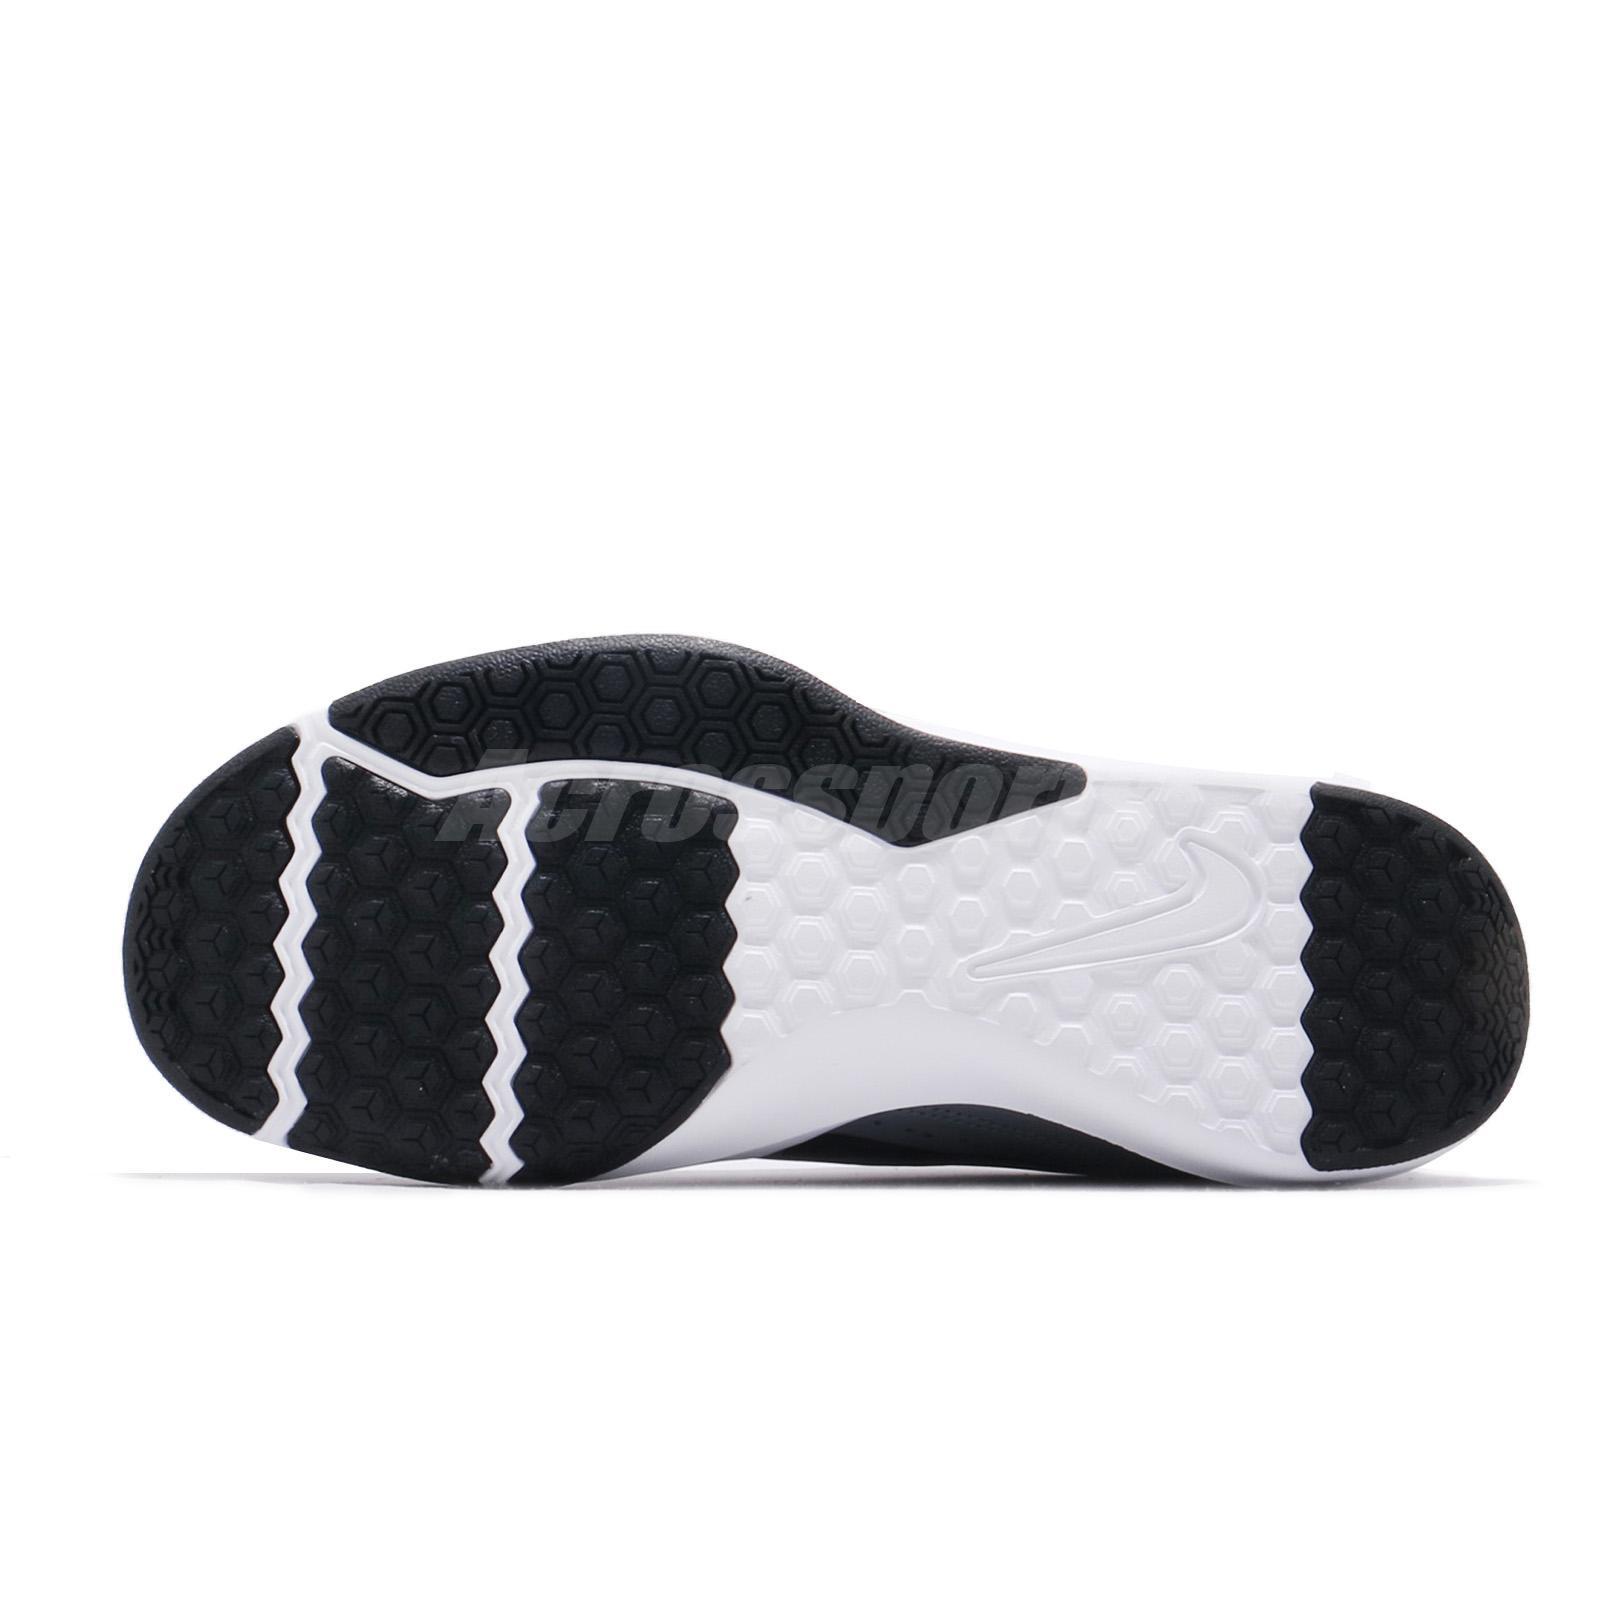 679e0561fe0 Nike Legend Trainer Grey Black White Men Cross Training Shoes ...